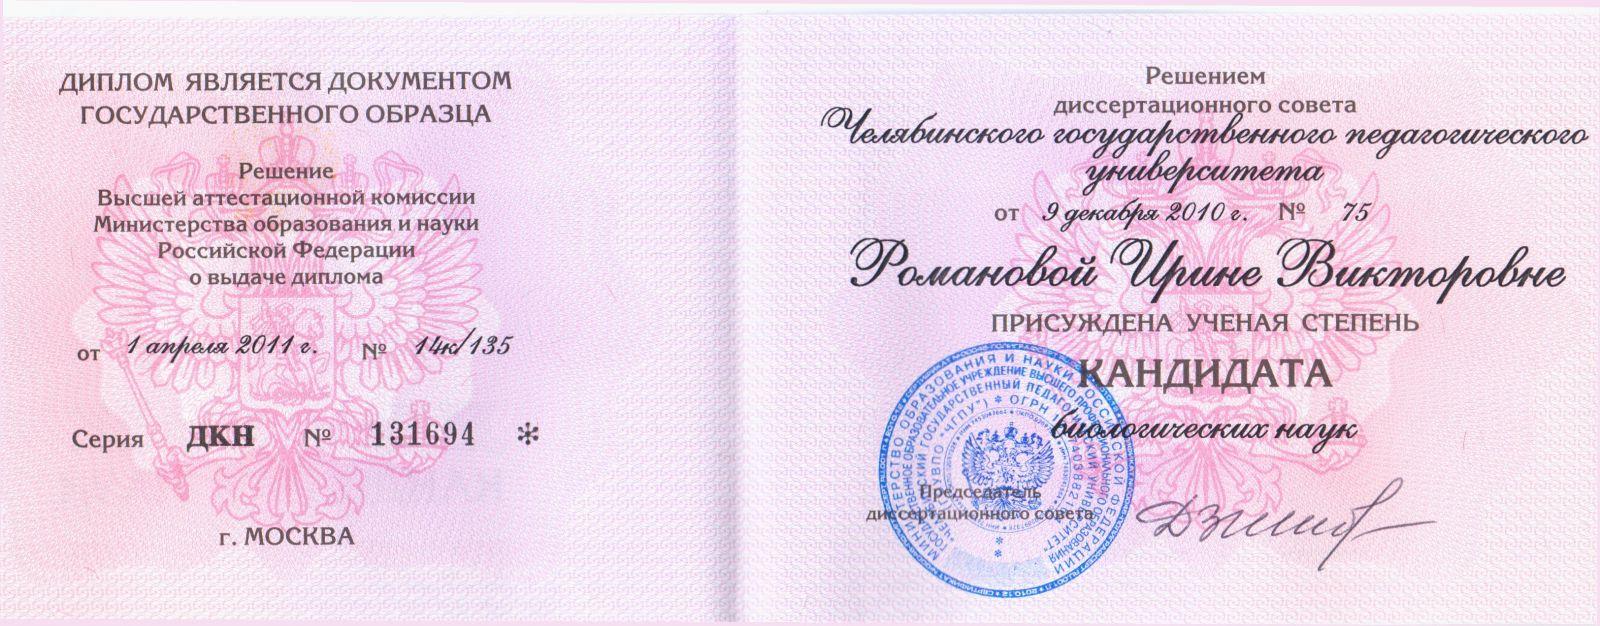 Научно исследовательский институт судебной экспертизы СТЭЛС  Диплом кандидата биологических наук